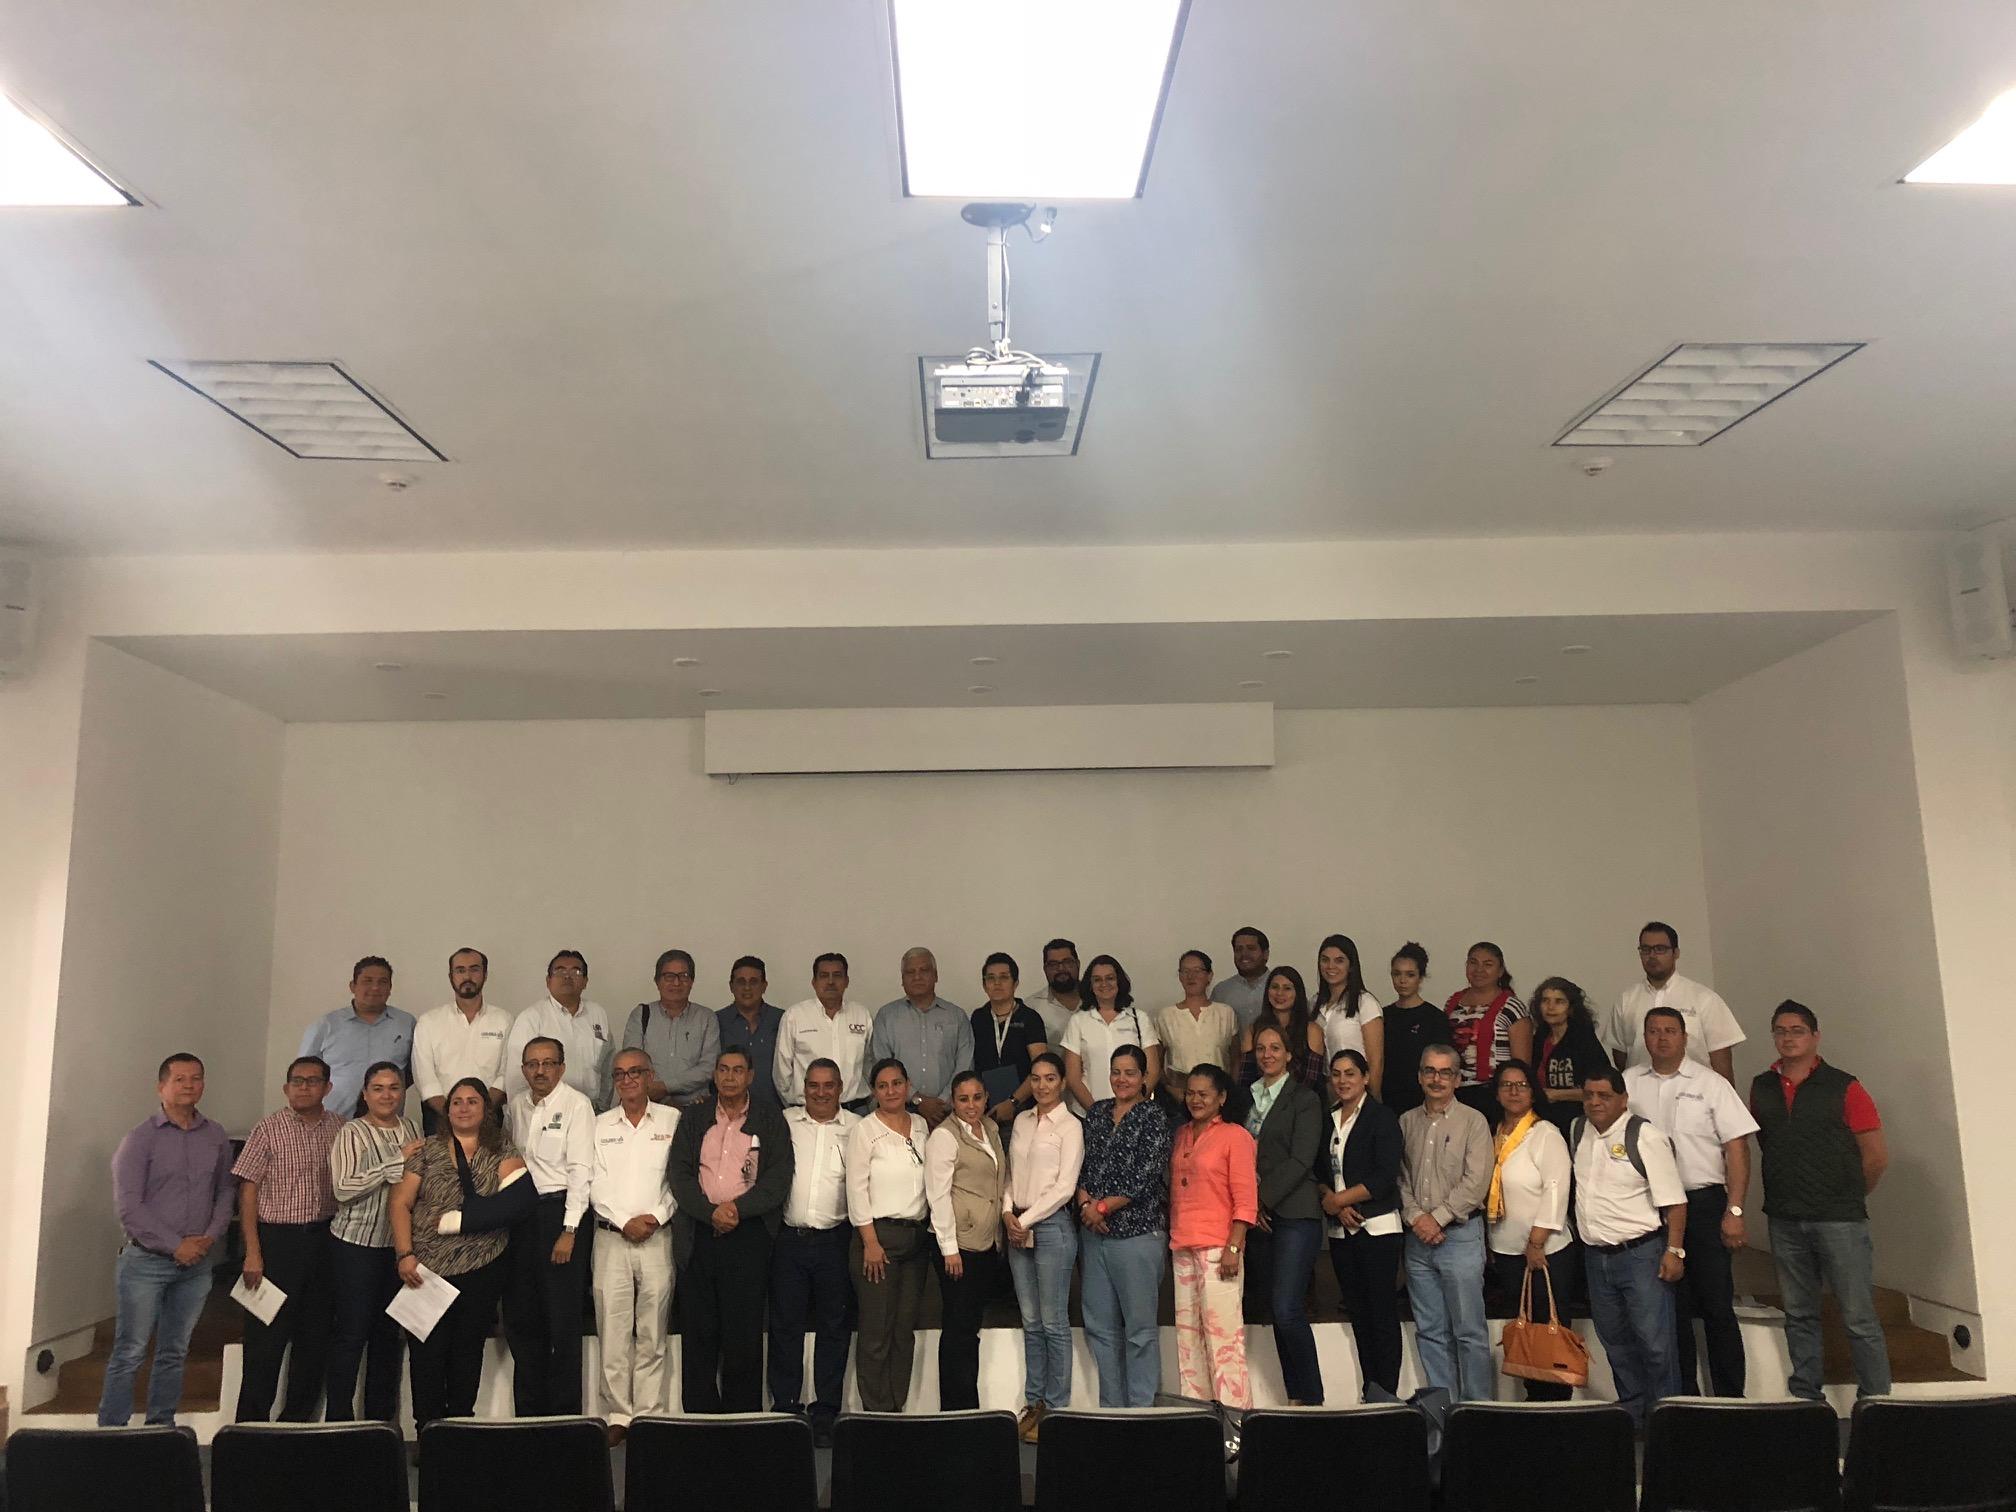 Se celebra la cuarta sesión del consejo consultivo ambiental de Colima